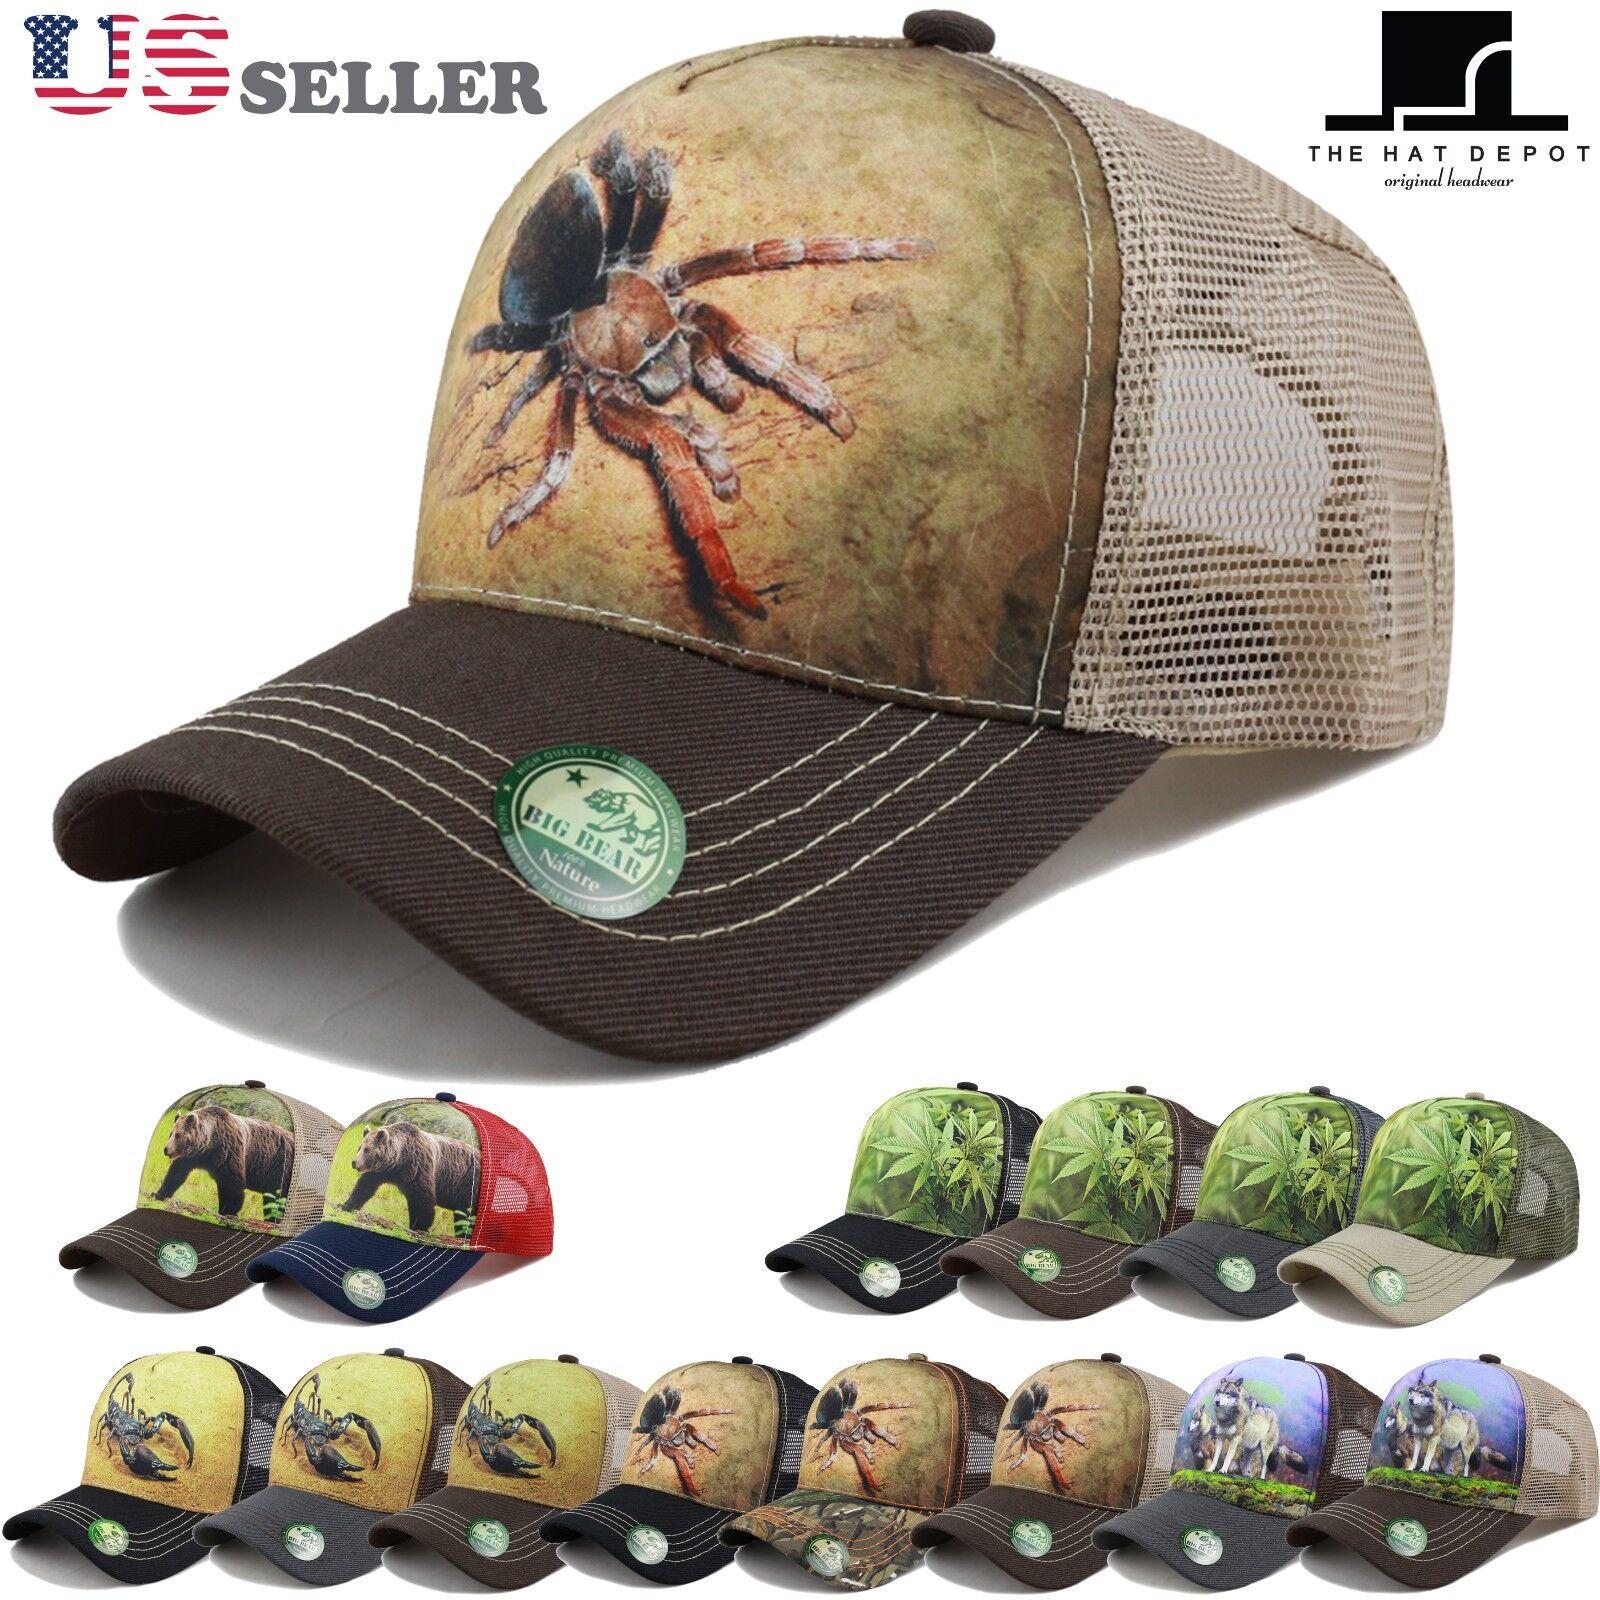 THE HAT DEPOT Printed Mesh Trucker Hat Outdoor Adjustable Ba